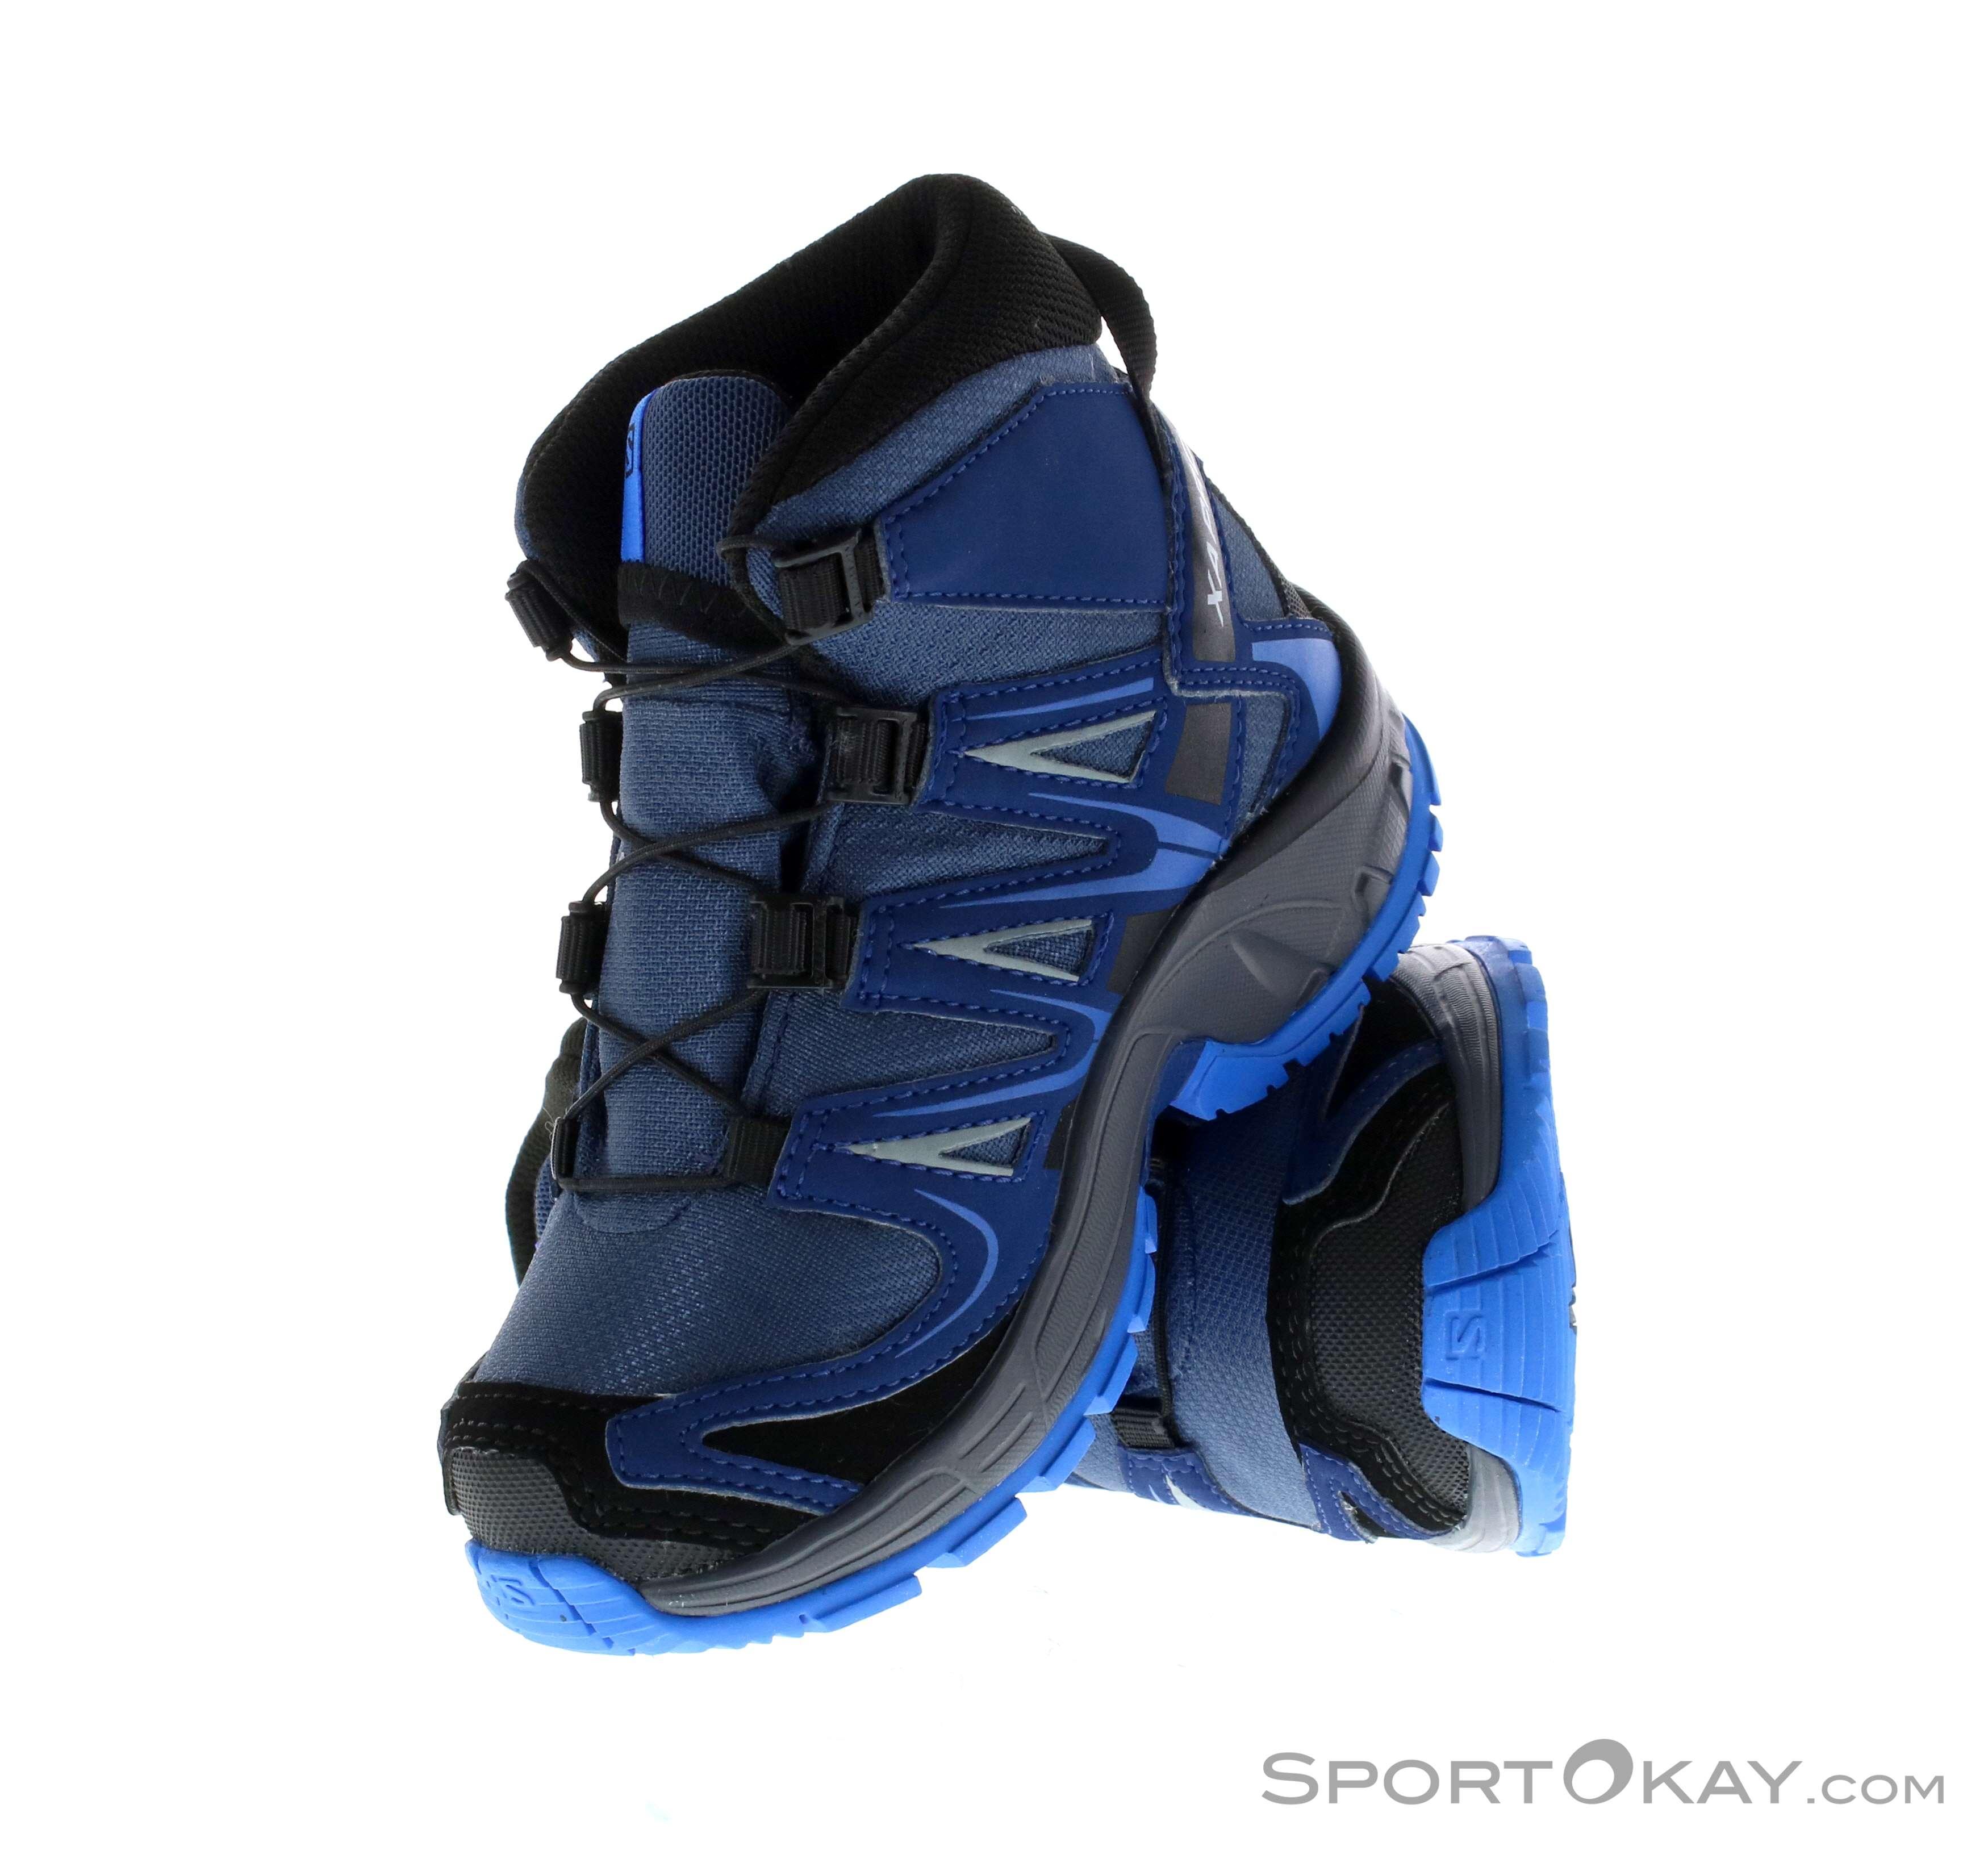 Salomon XA Pro 3D MID CSWP Kids Hiking Boots Trekking